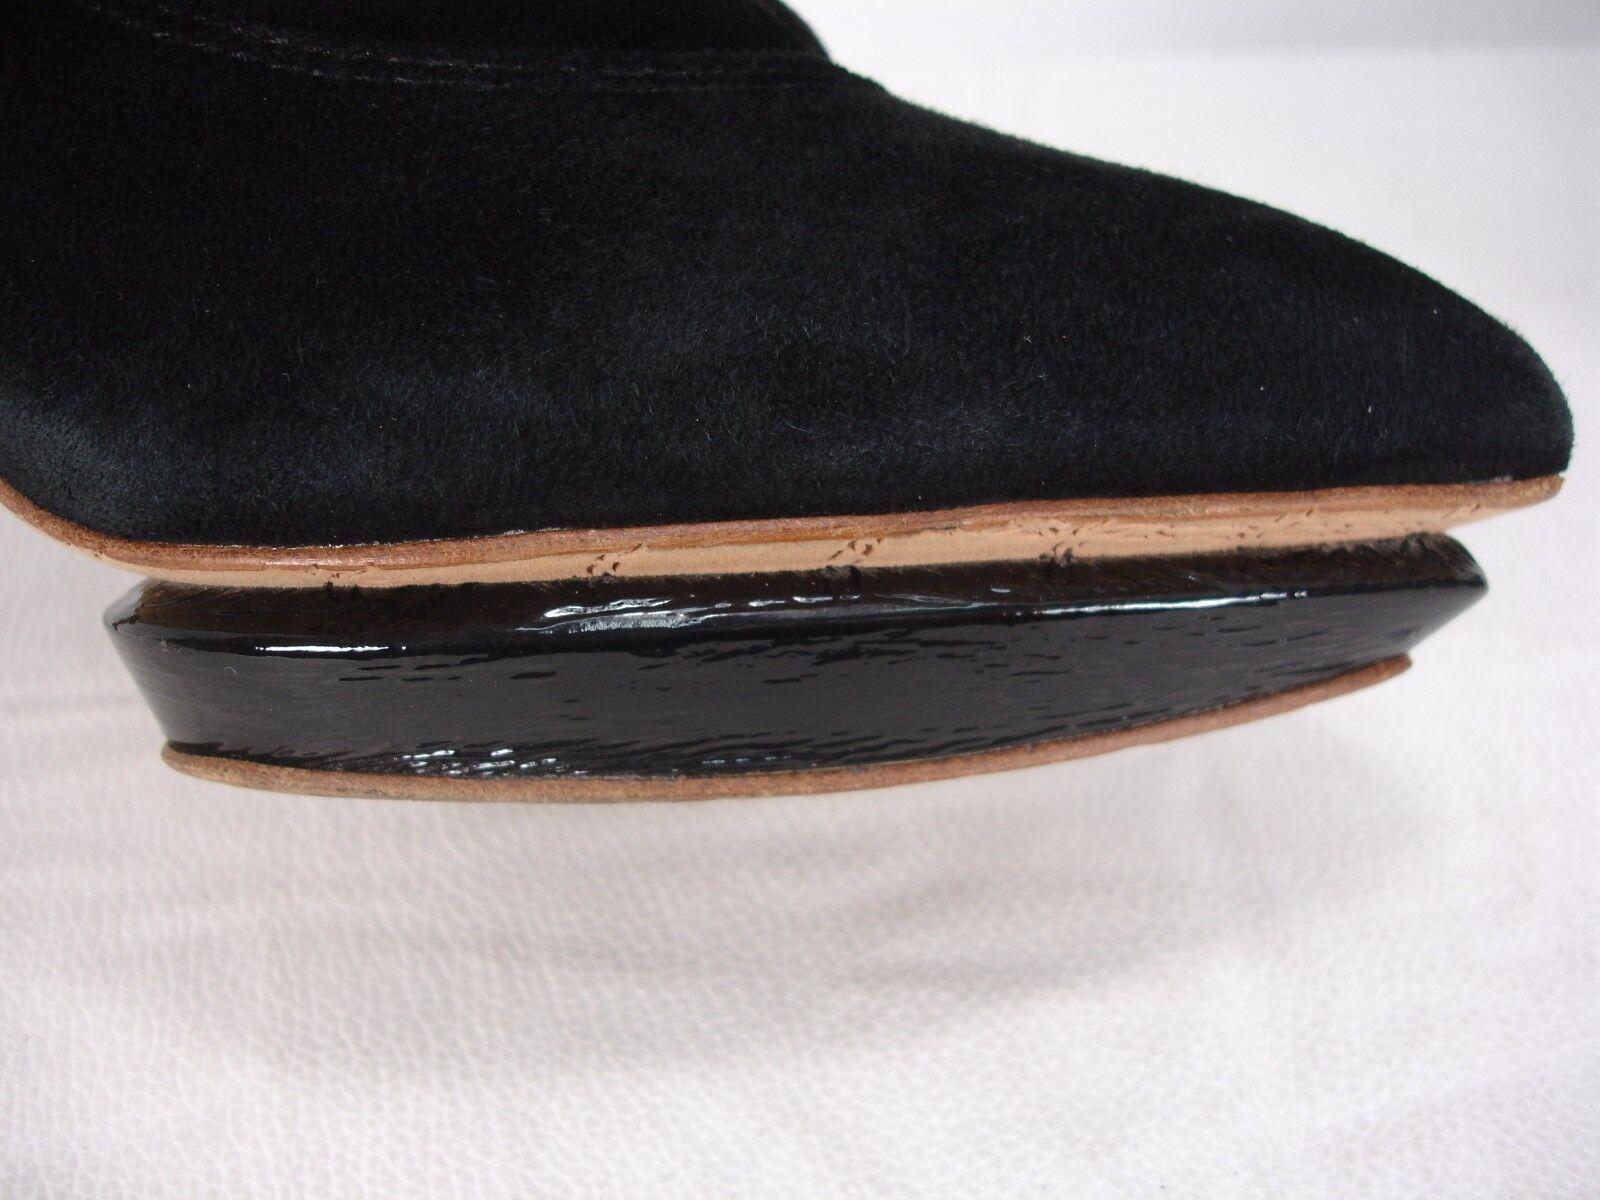 L.A.M.B. GWEN STEFANI BLACK SUEDE Schuhe PATENT PLATFORM PUMPS BOOTIE Schuhe SUEDE WOMEN'S 8 M 1fff9d